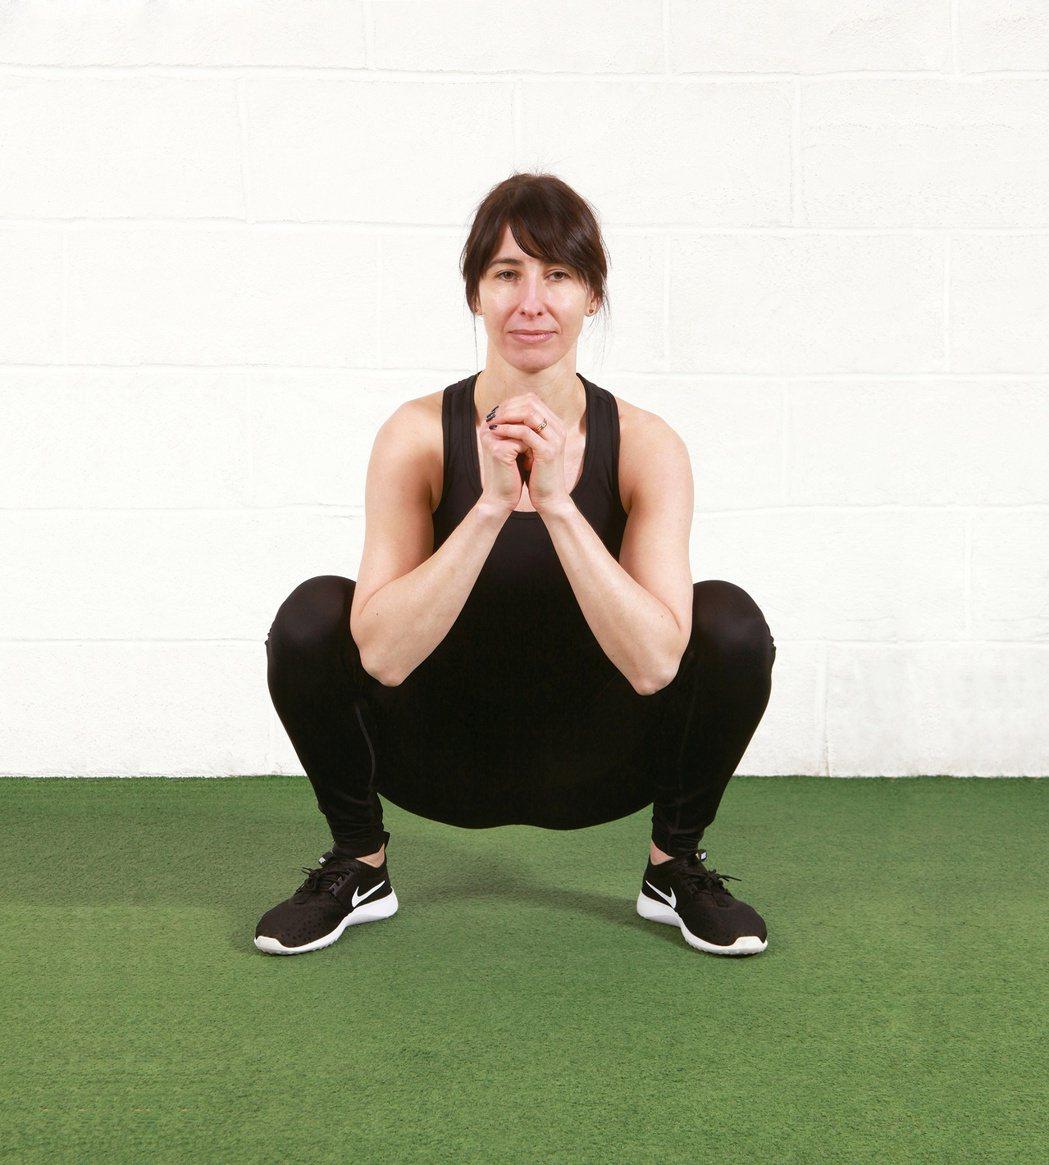 筋膜深蹲時,保持背部打直、屁股蹲低的姿勢,不但可放鬆骨盆底肌肉,也有助於舒緩髖部...